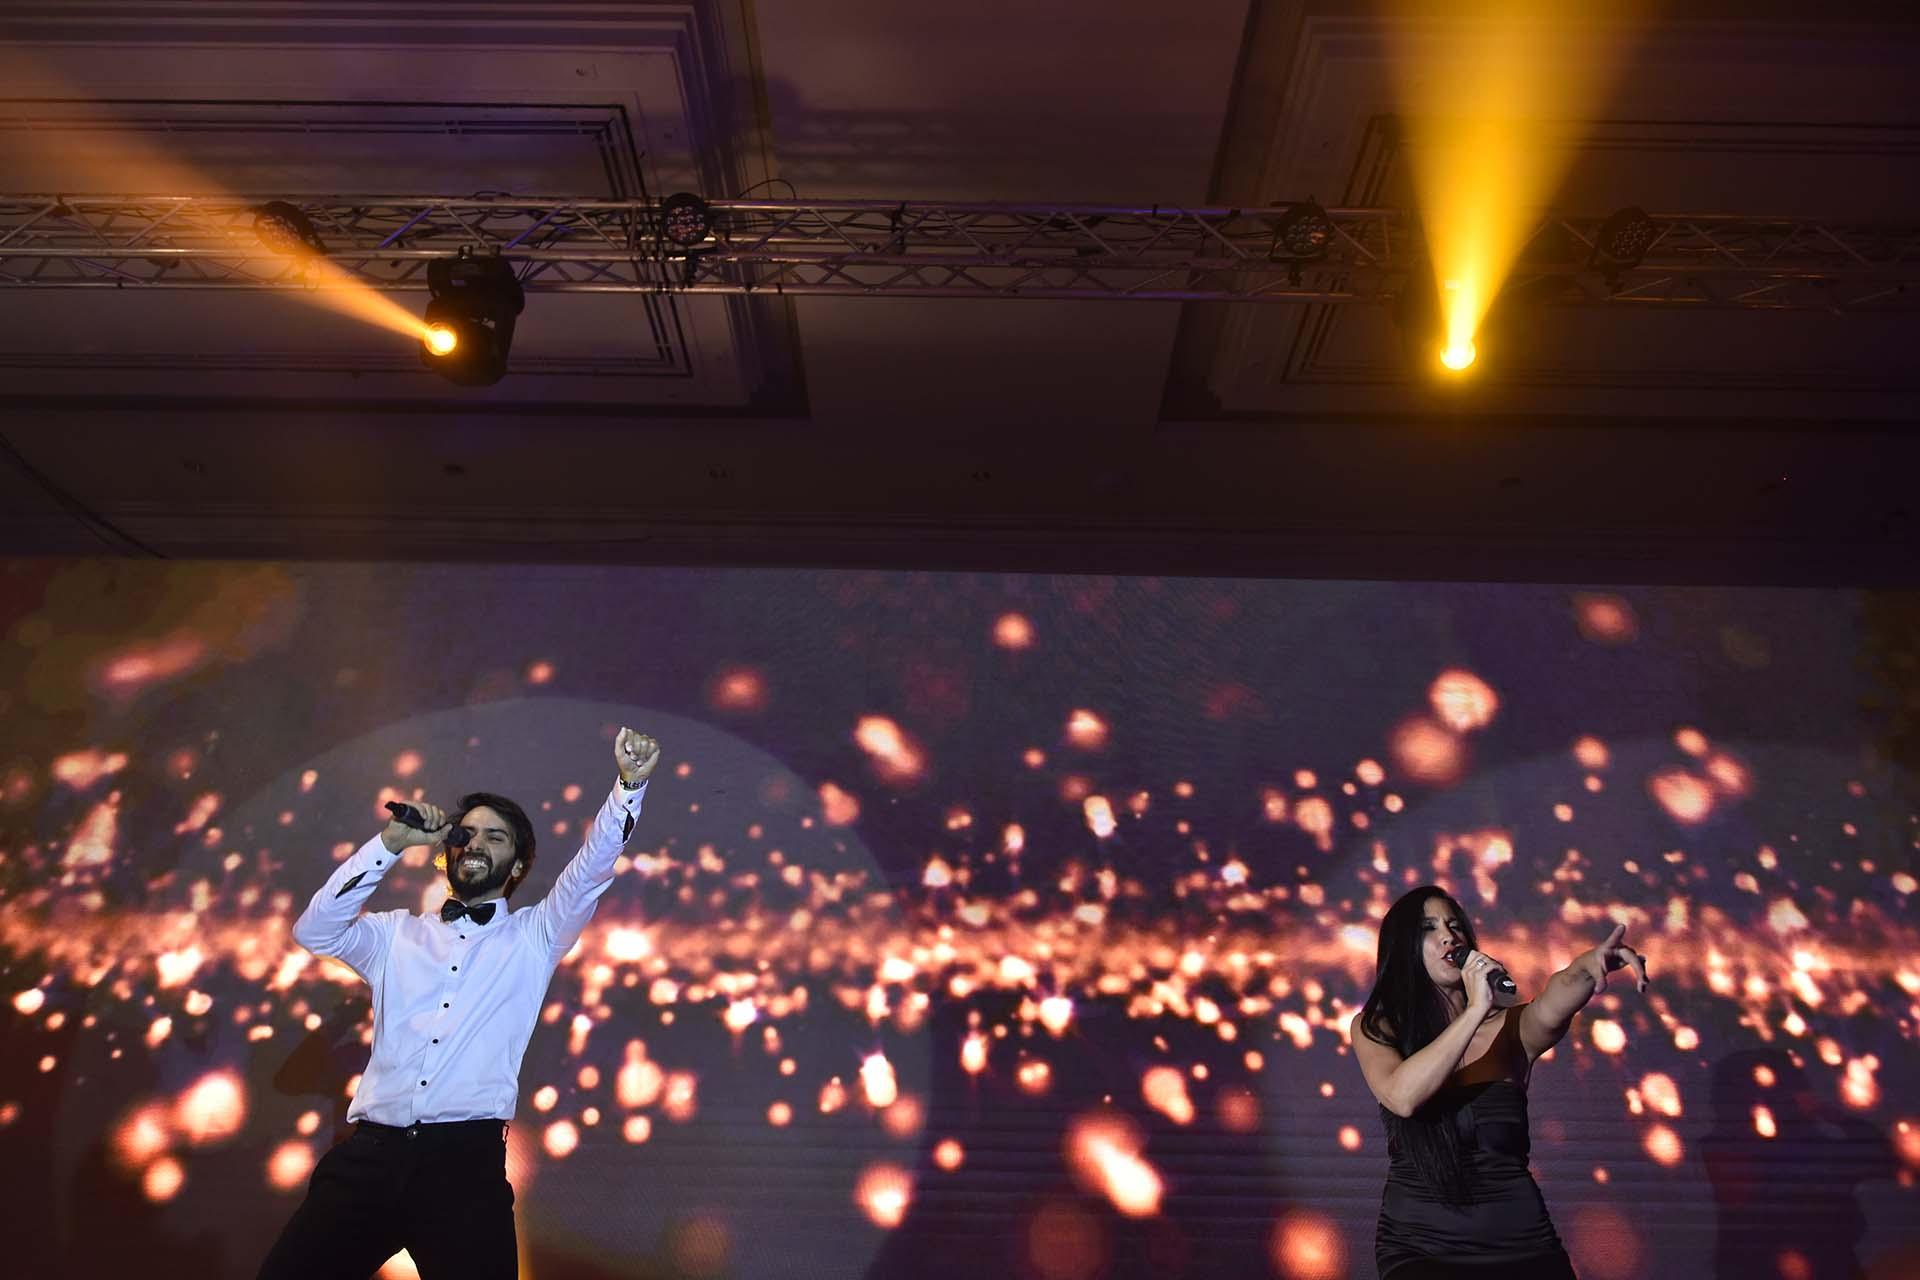 En la celebración, Ilusión Show, deleitó a los presentes con canciones que hicieron bailar a todos los presentes